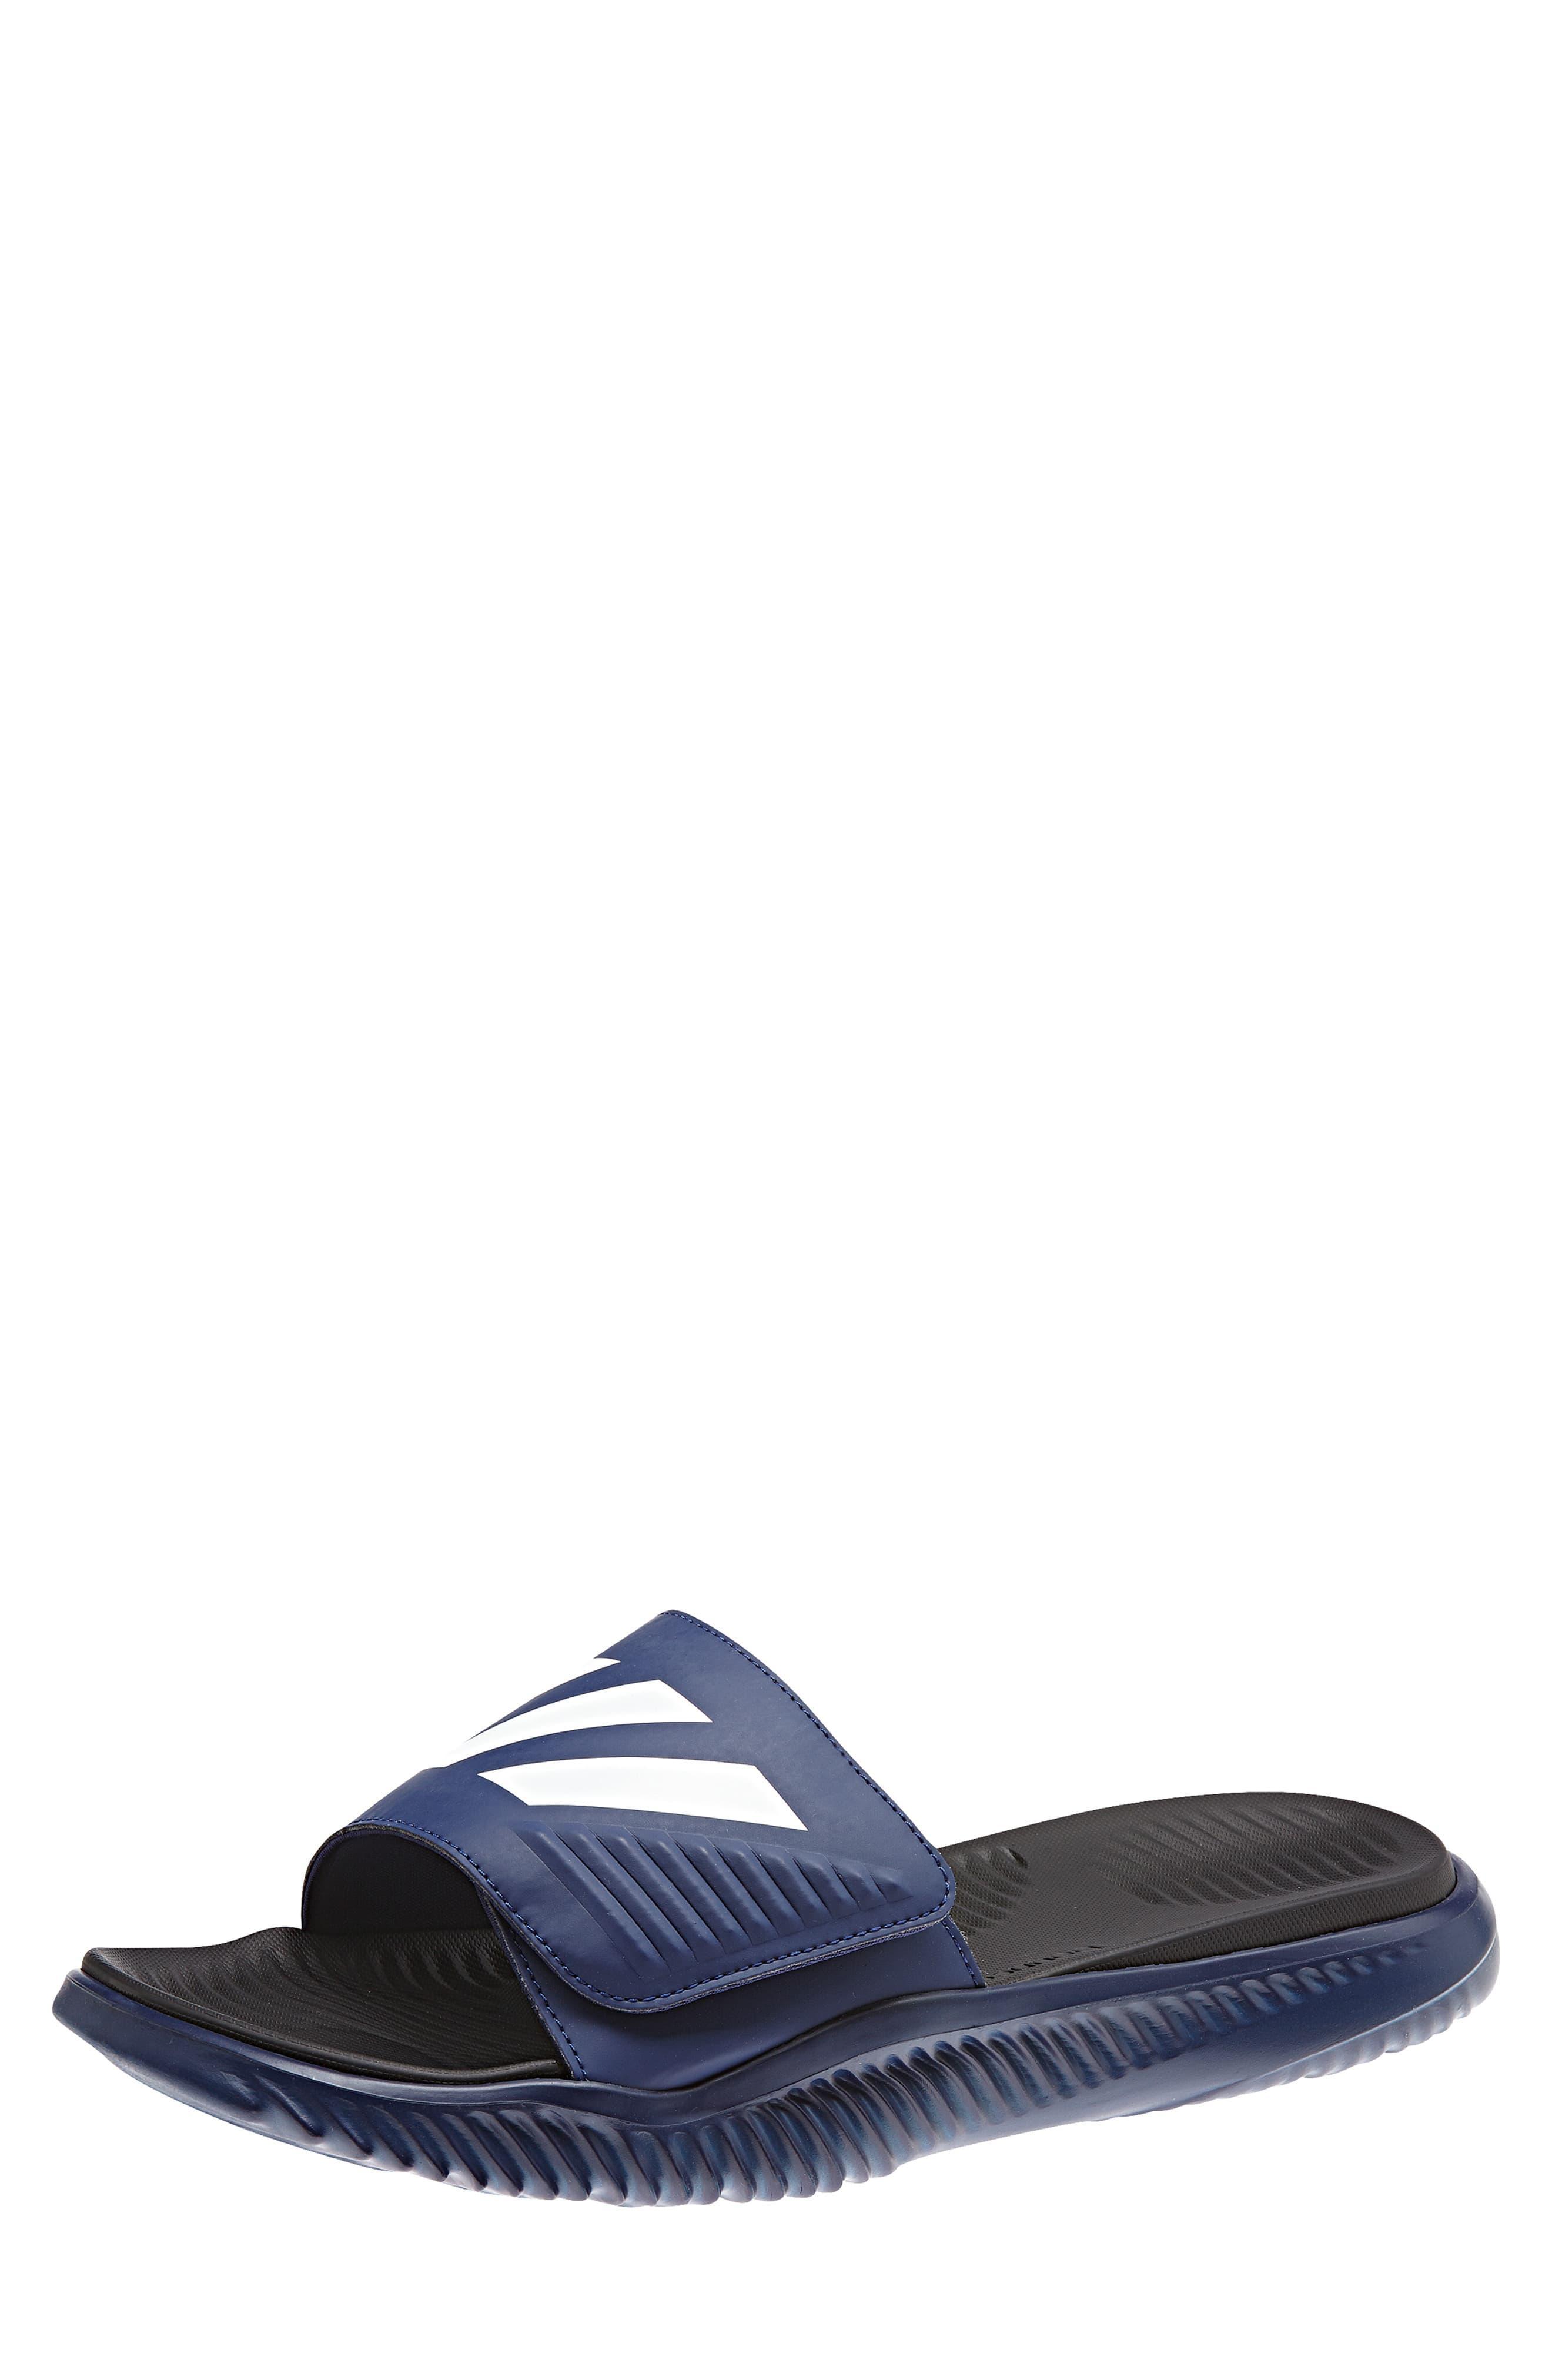 buy popular d4d5c c44d1 Adidas - Blue Alphabounce Slide Sandal for Men - Lyst. View fullscreen